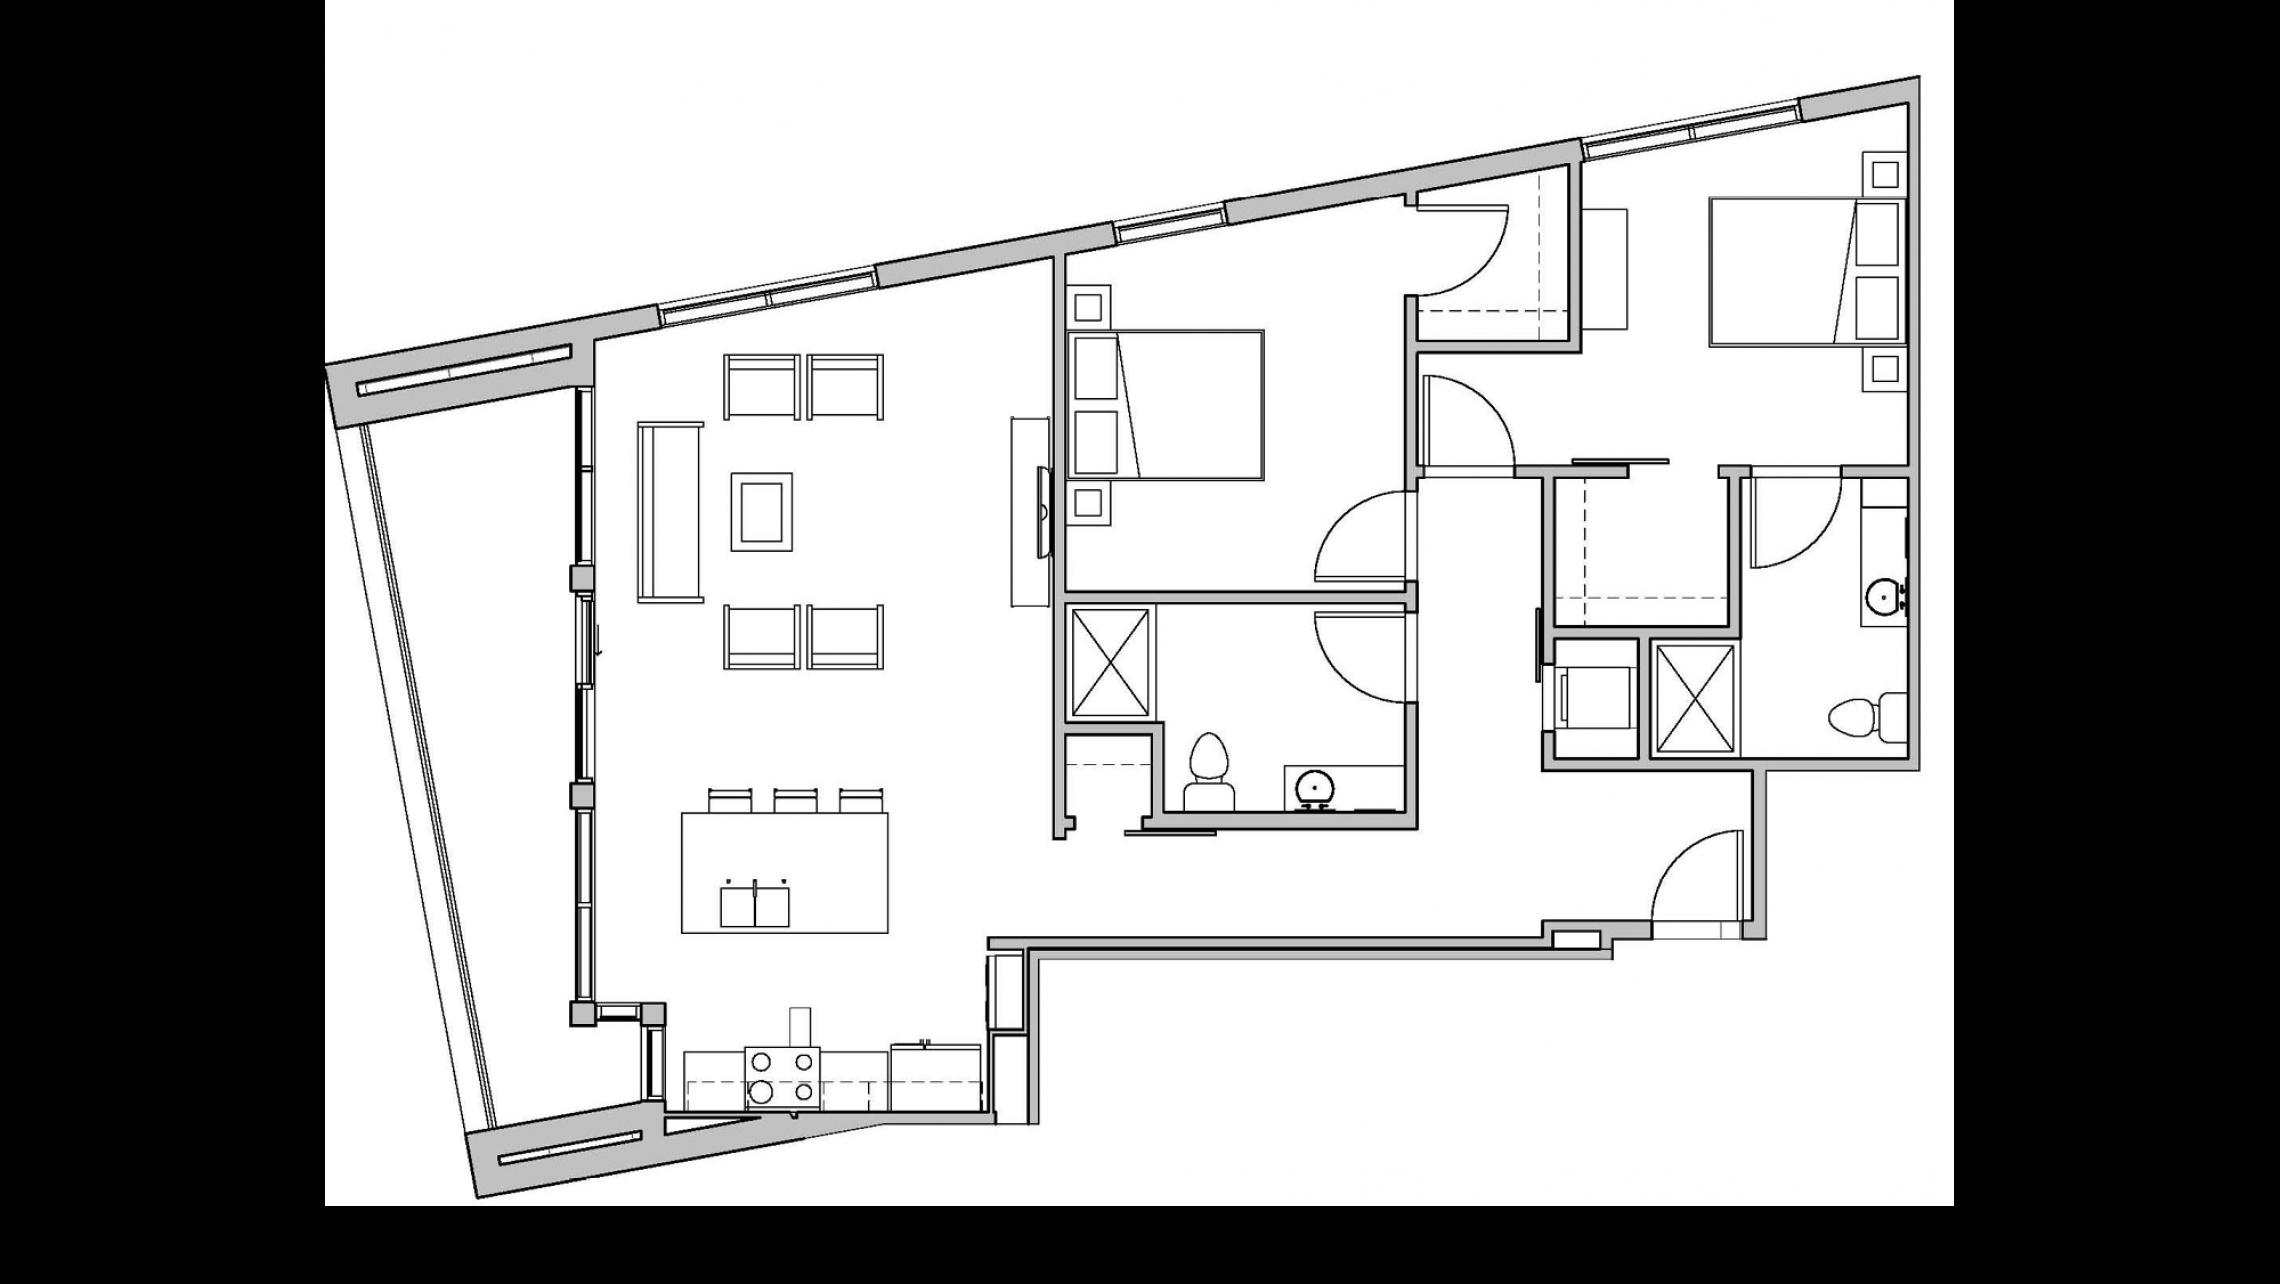 ULI Seven27 202 - Two Bedroom, Two Bathroom